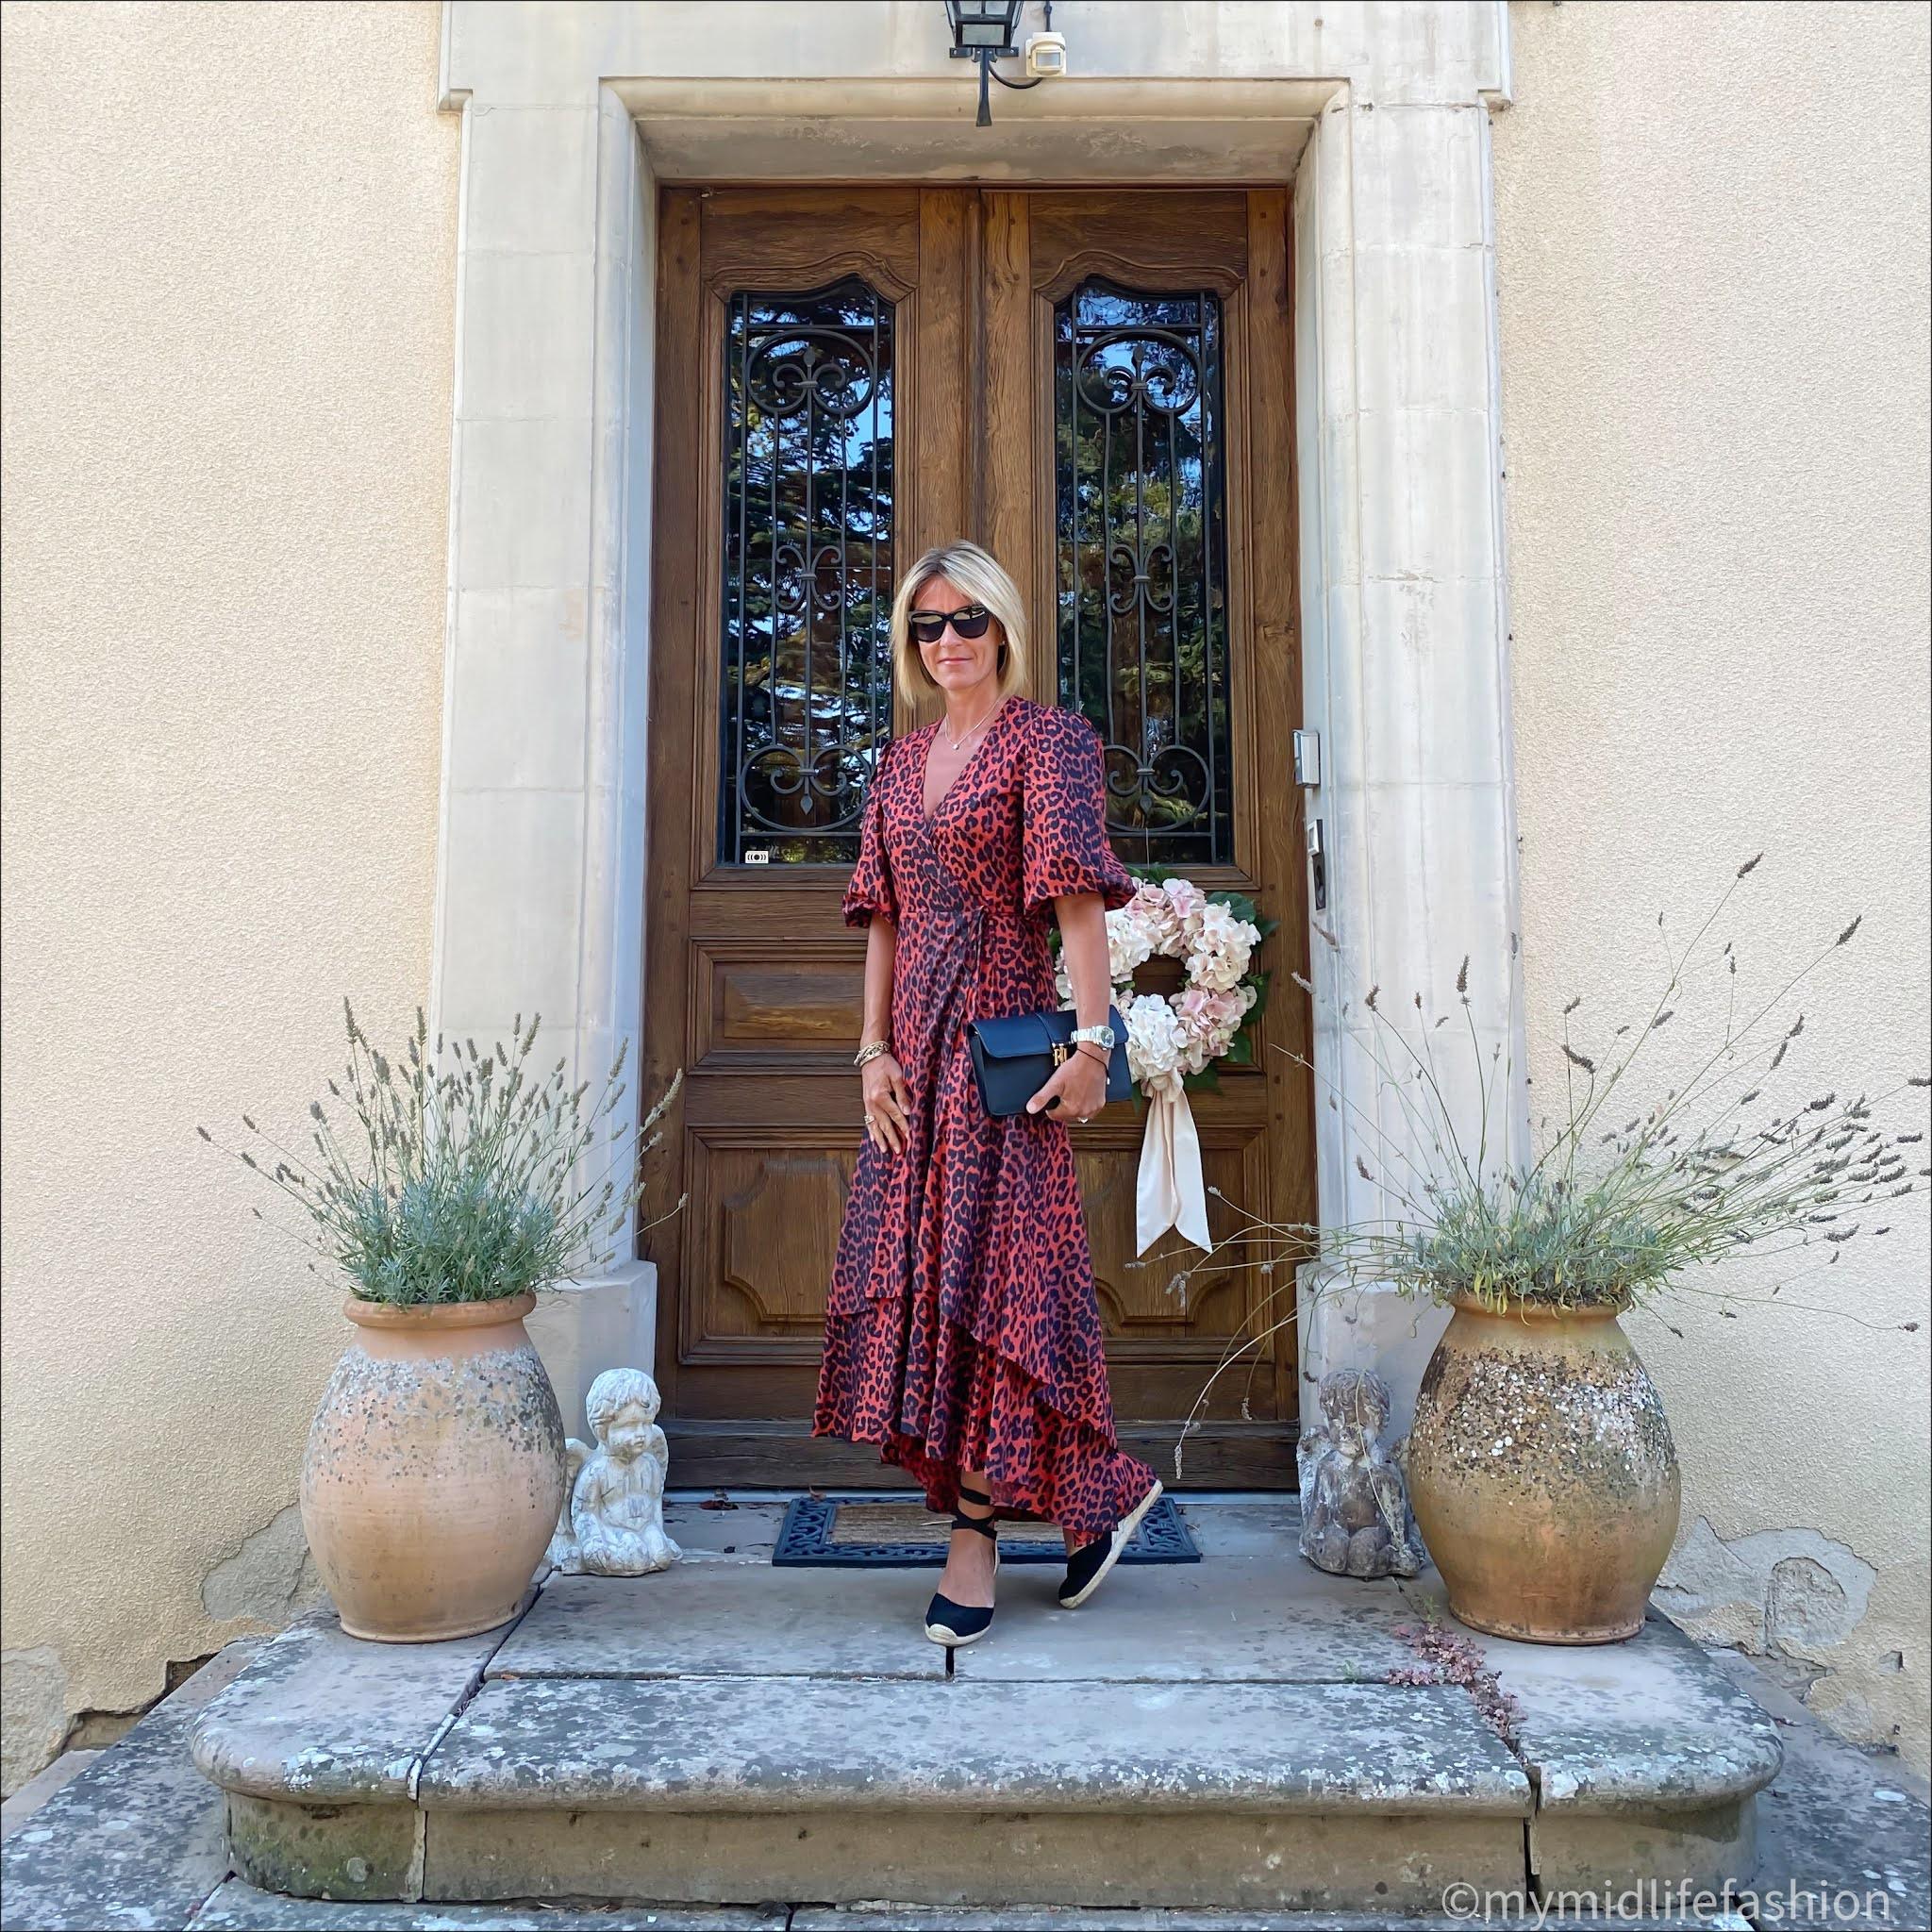 my midlife fashion, ganni puff sleeve leopard print wrap dress, boden Cassie espadrille wedge sandals, Ralph Lauren leather clutch